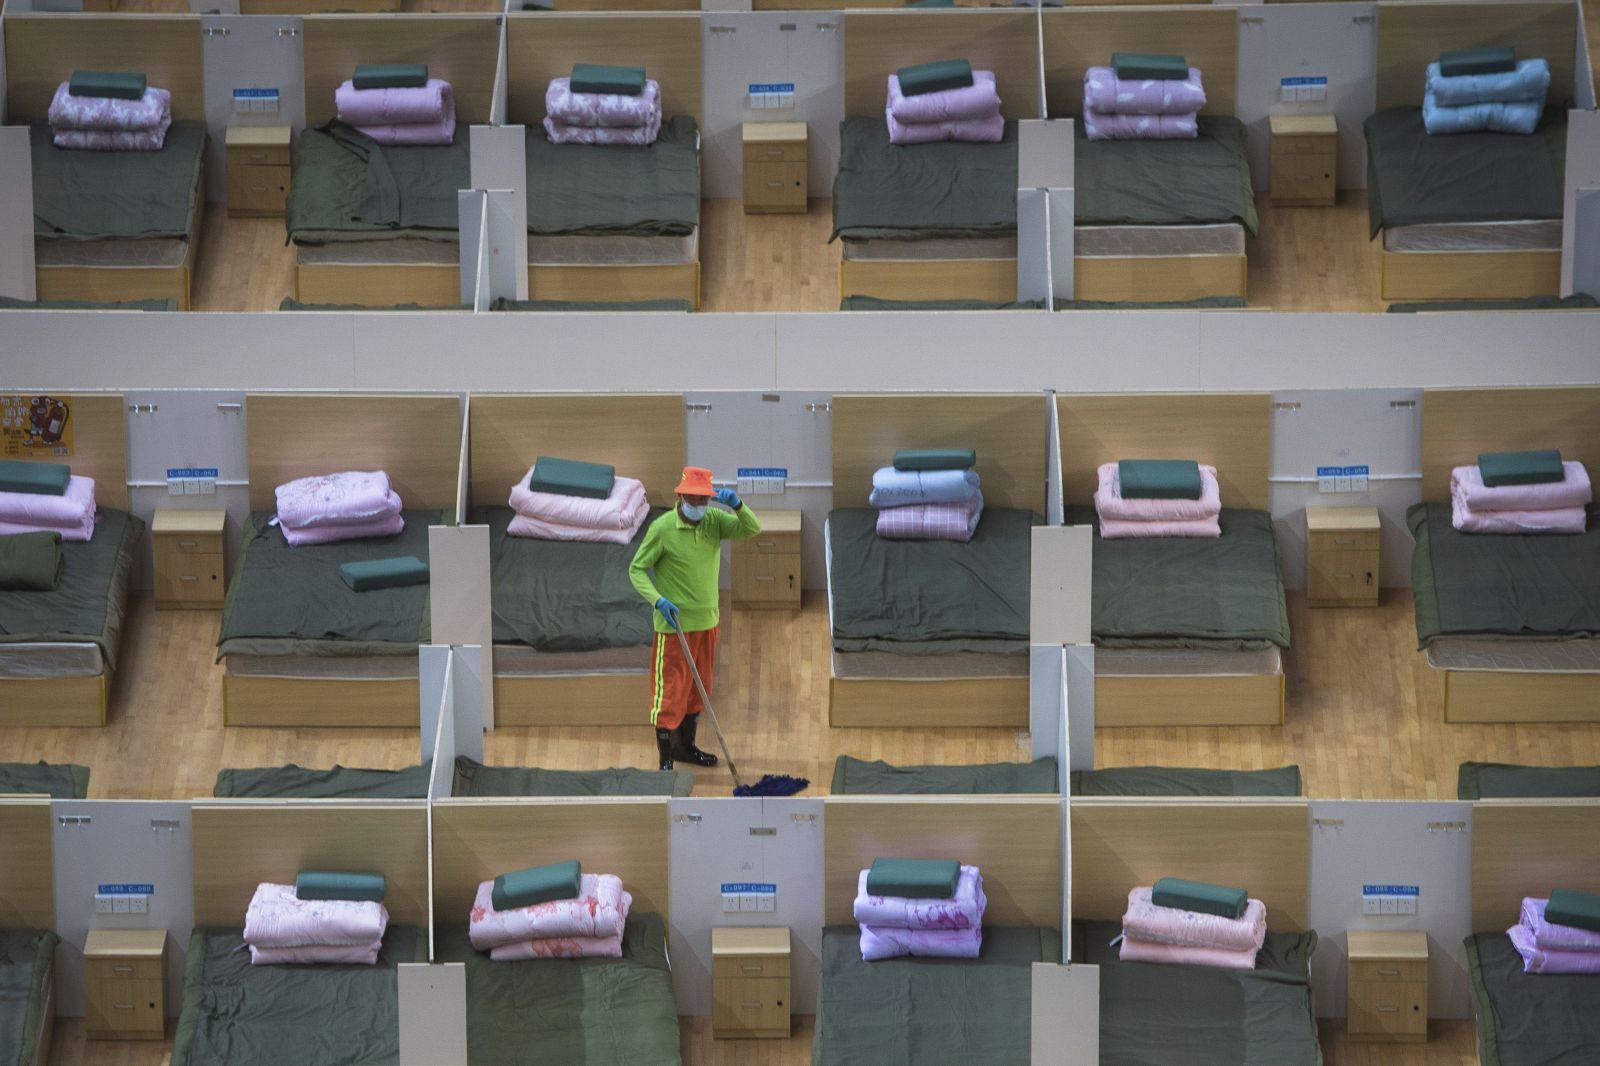 Nemocnice vo Wu-chane postavili v rekordnom čase. Teraz zívajú prázdnotou